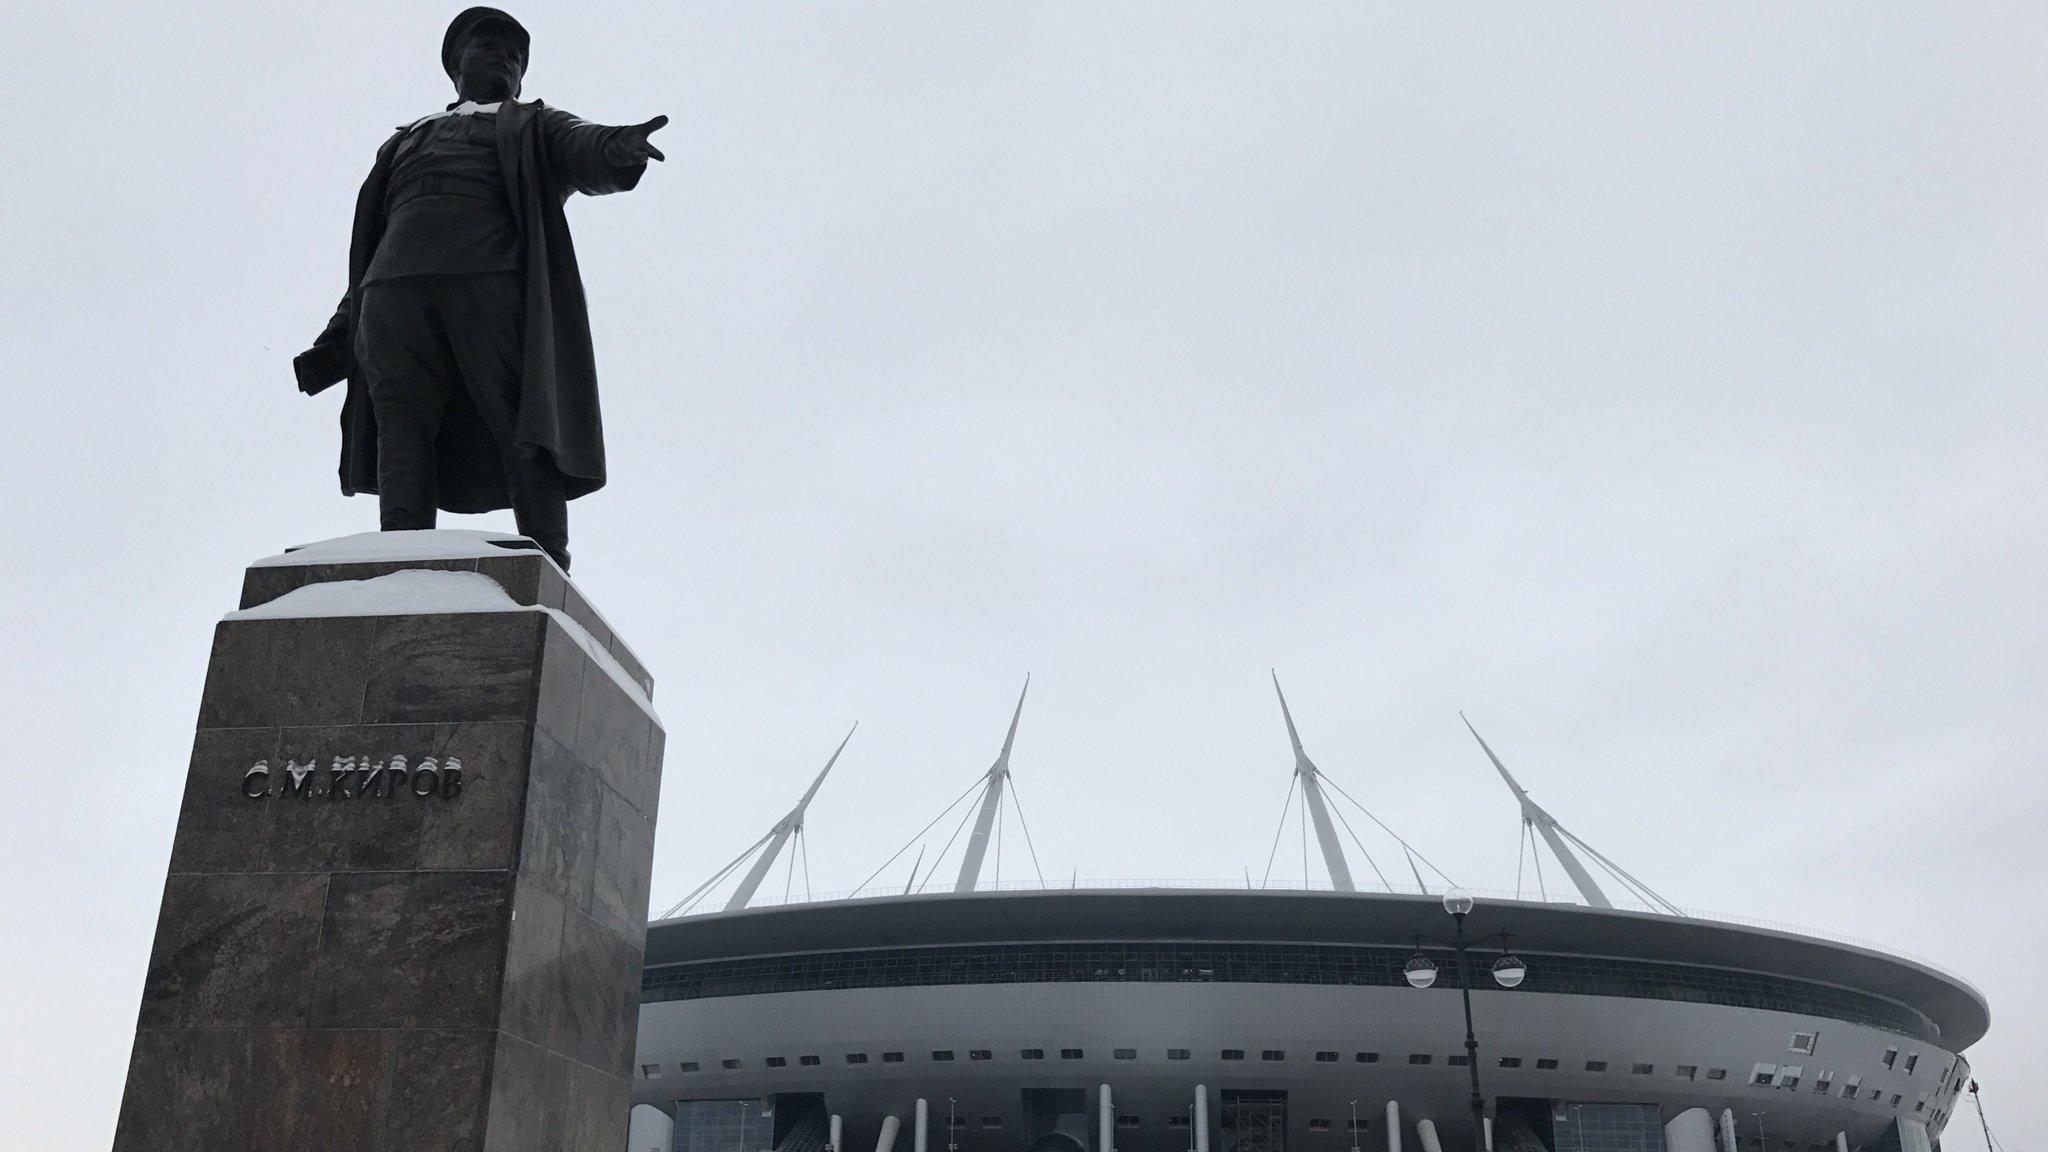 In St. Petersburg, held an improvised referendum on Isaac